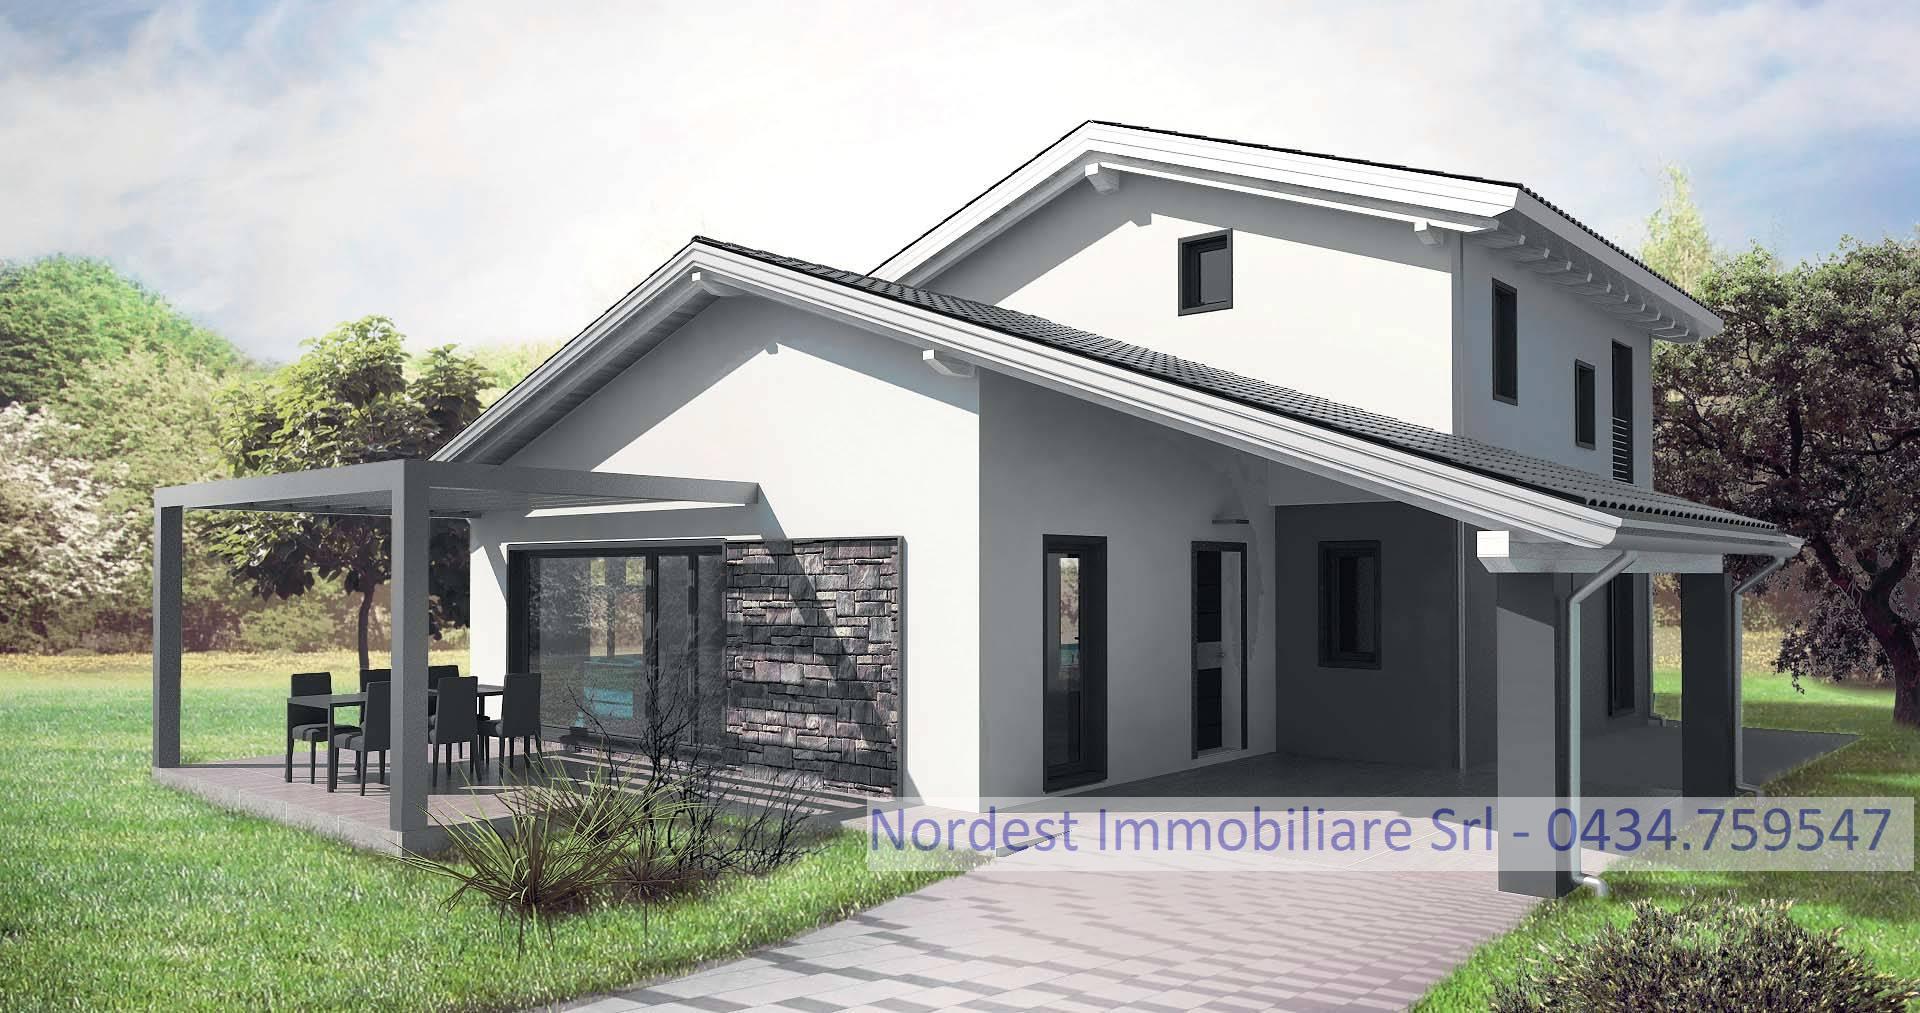 Soluzione Indipendente in vendita a Rivamonte Agordino, 6 locali, prezzo € 160.000 | CambioCasa.it